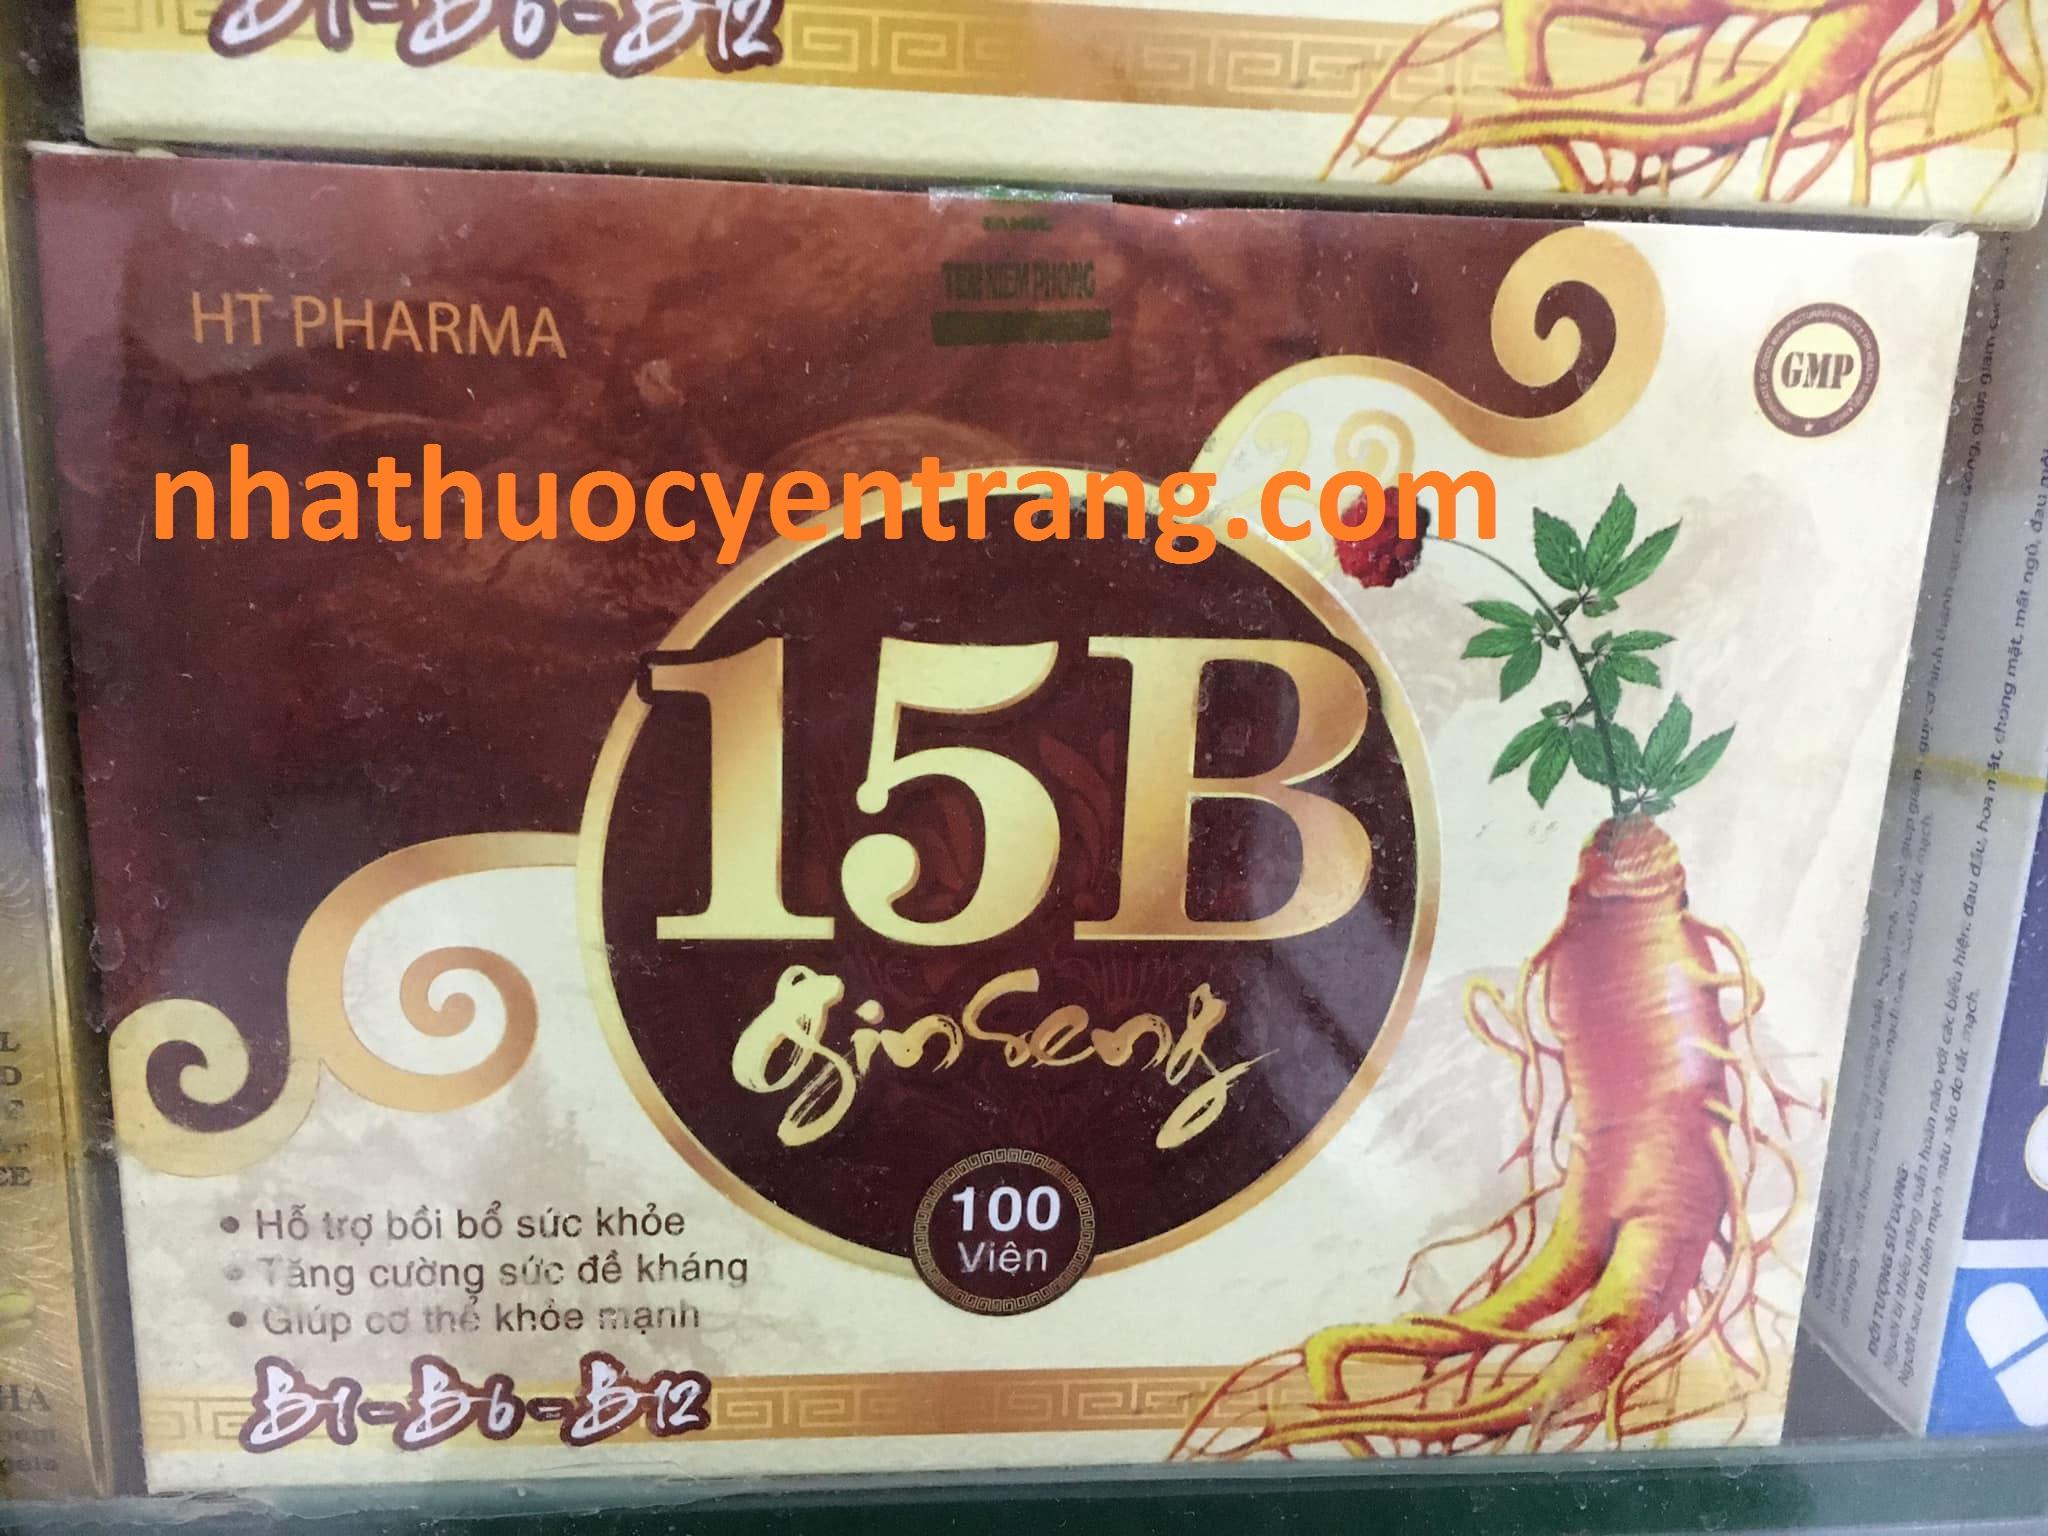 Vitamin 15B Ginseng